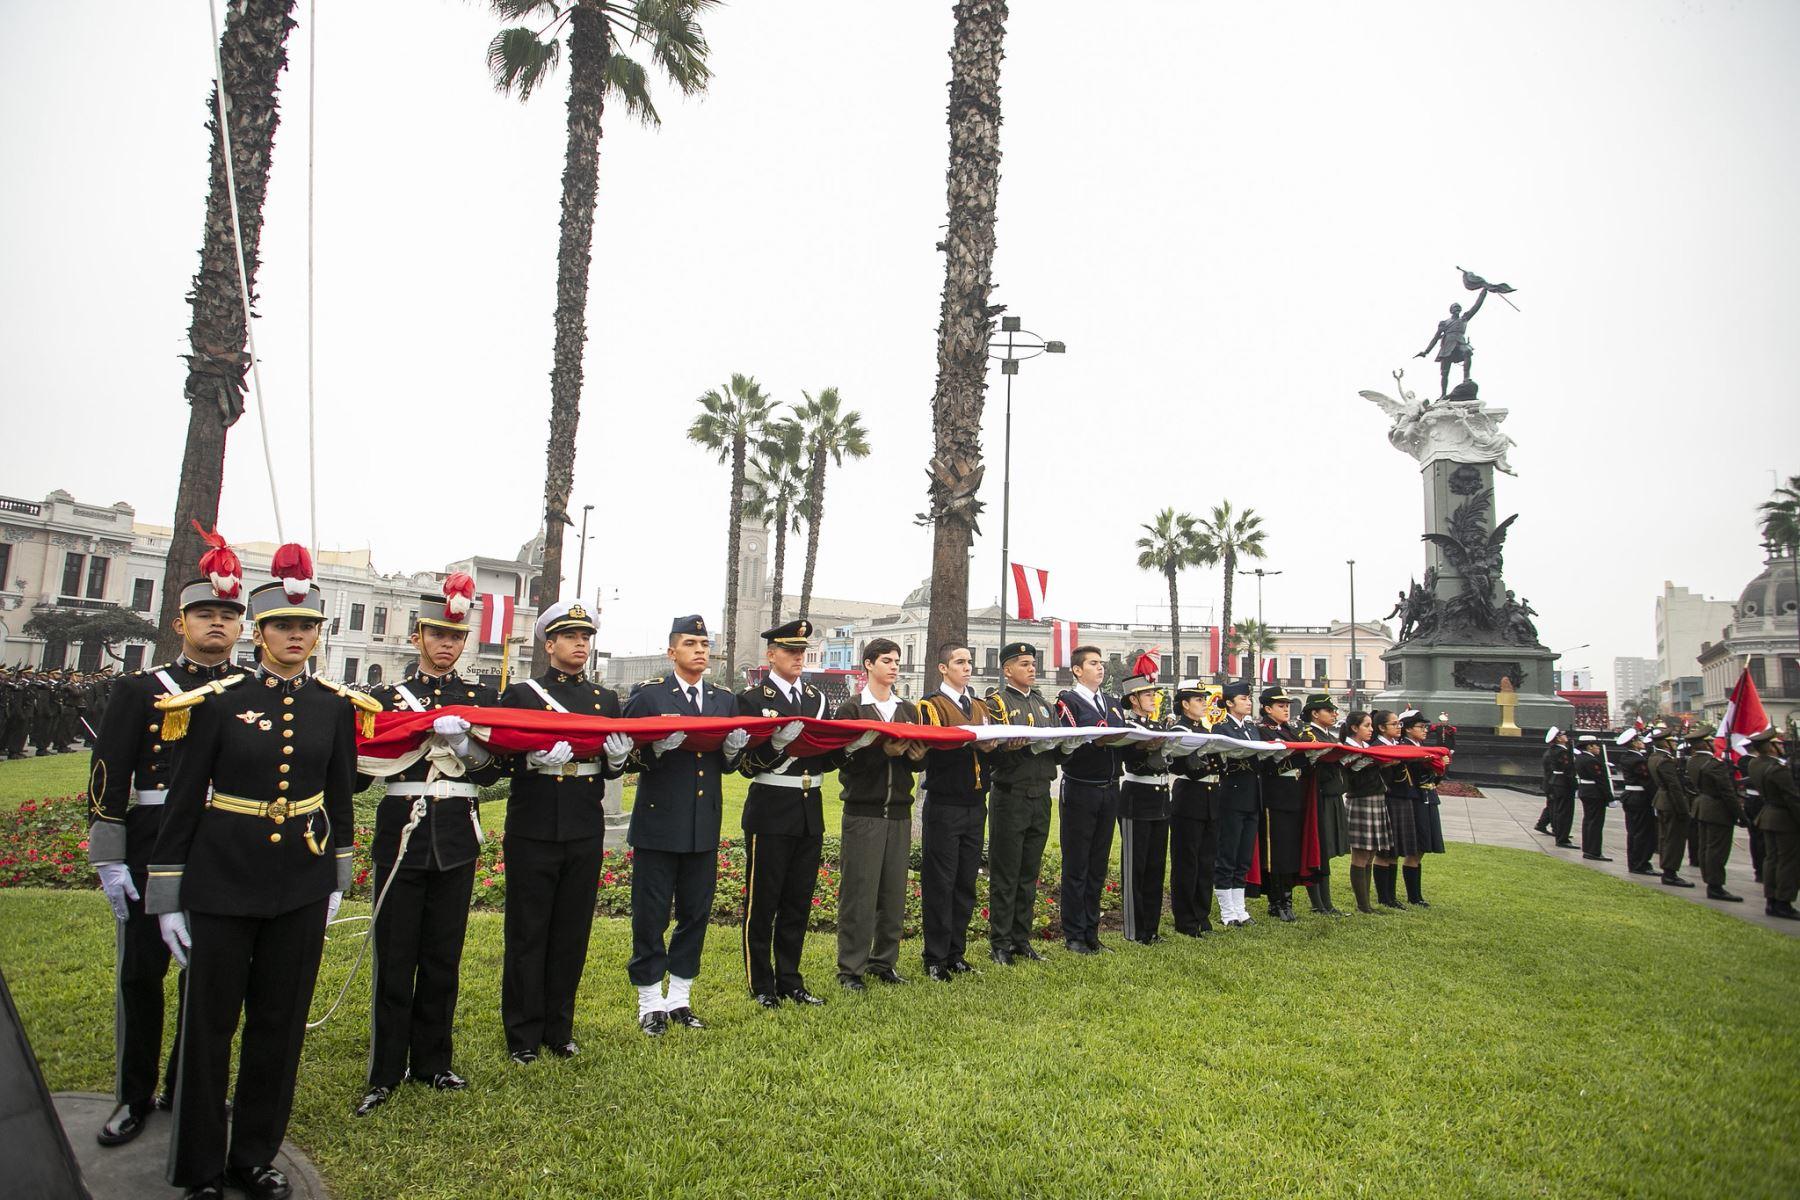 Jefe de Estado, Martín Vizcarra, preside ceremonia por el 139 Aniversario de la Batalla de Arica y Renovación del Juramento de Fidelidad a la Bandera. Foto: ANDINA/Prensa Presidencia